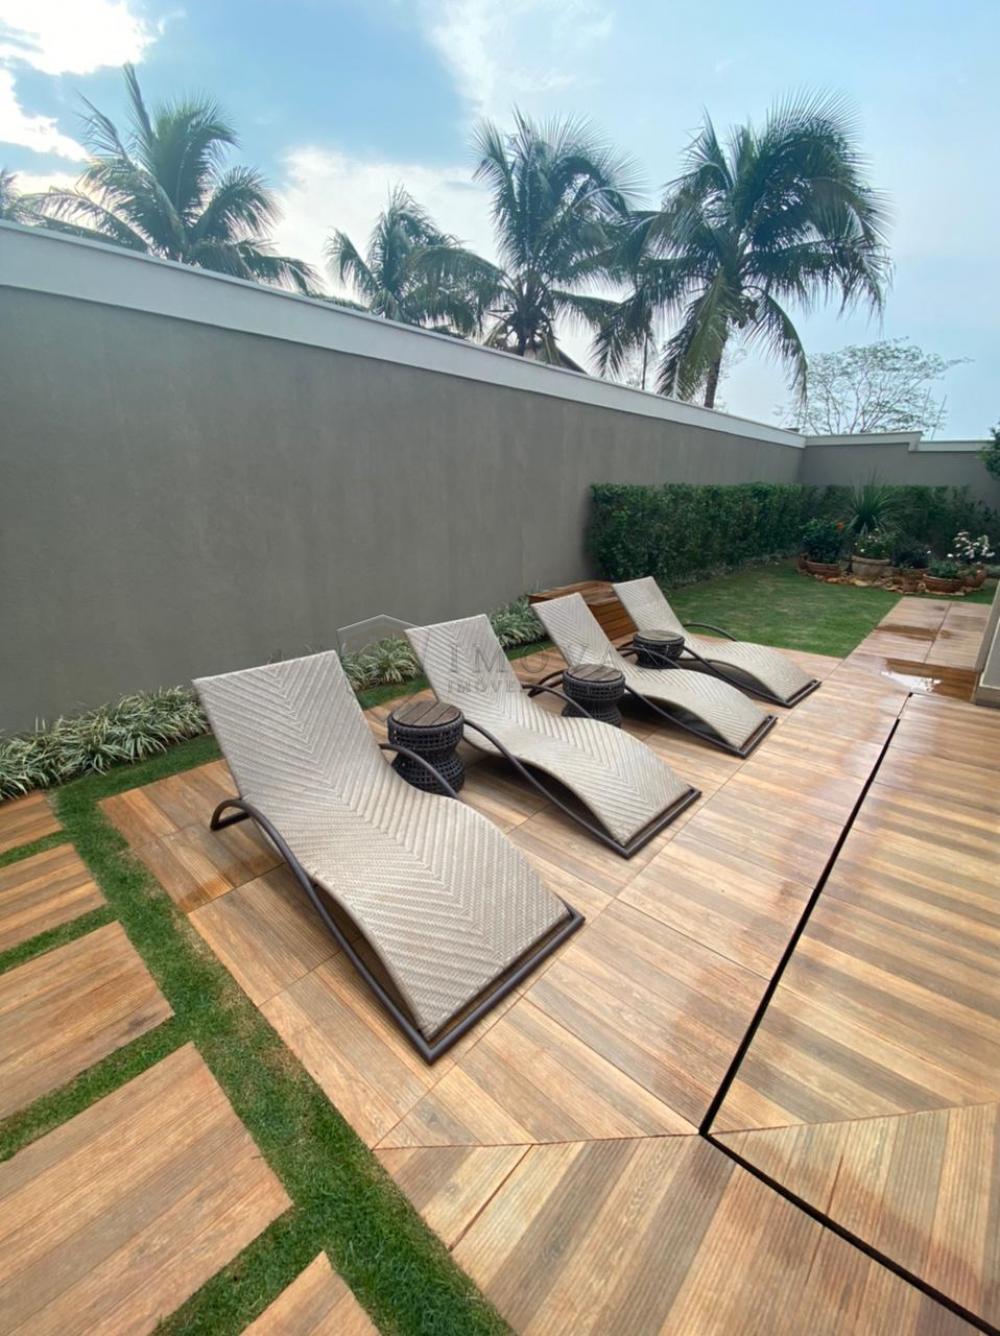 Comprar Casa / Condomínio em Bonfim Paulista R$ 2.800.000,00 - Foto 4